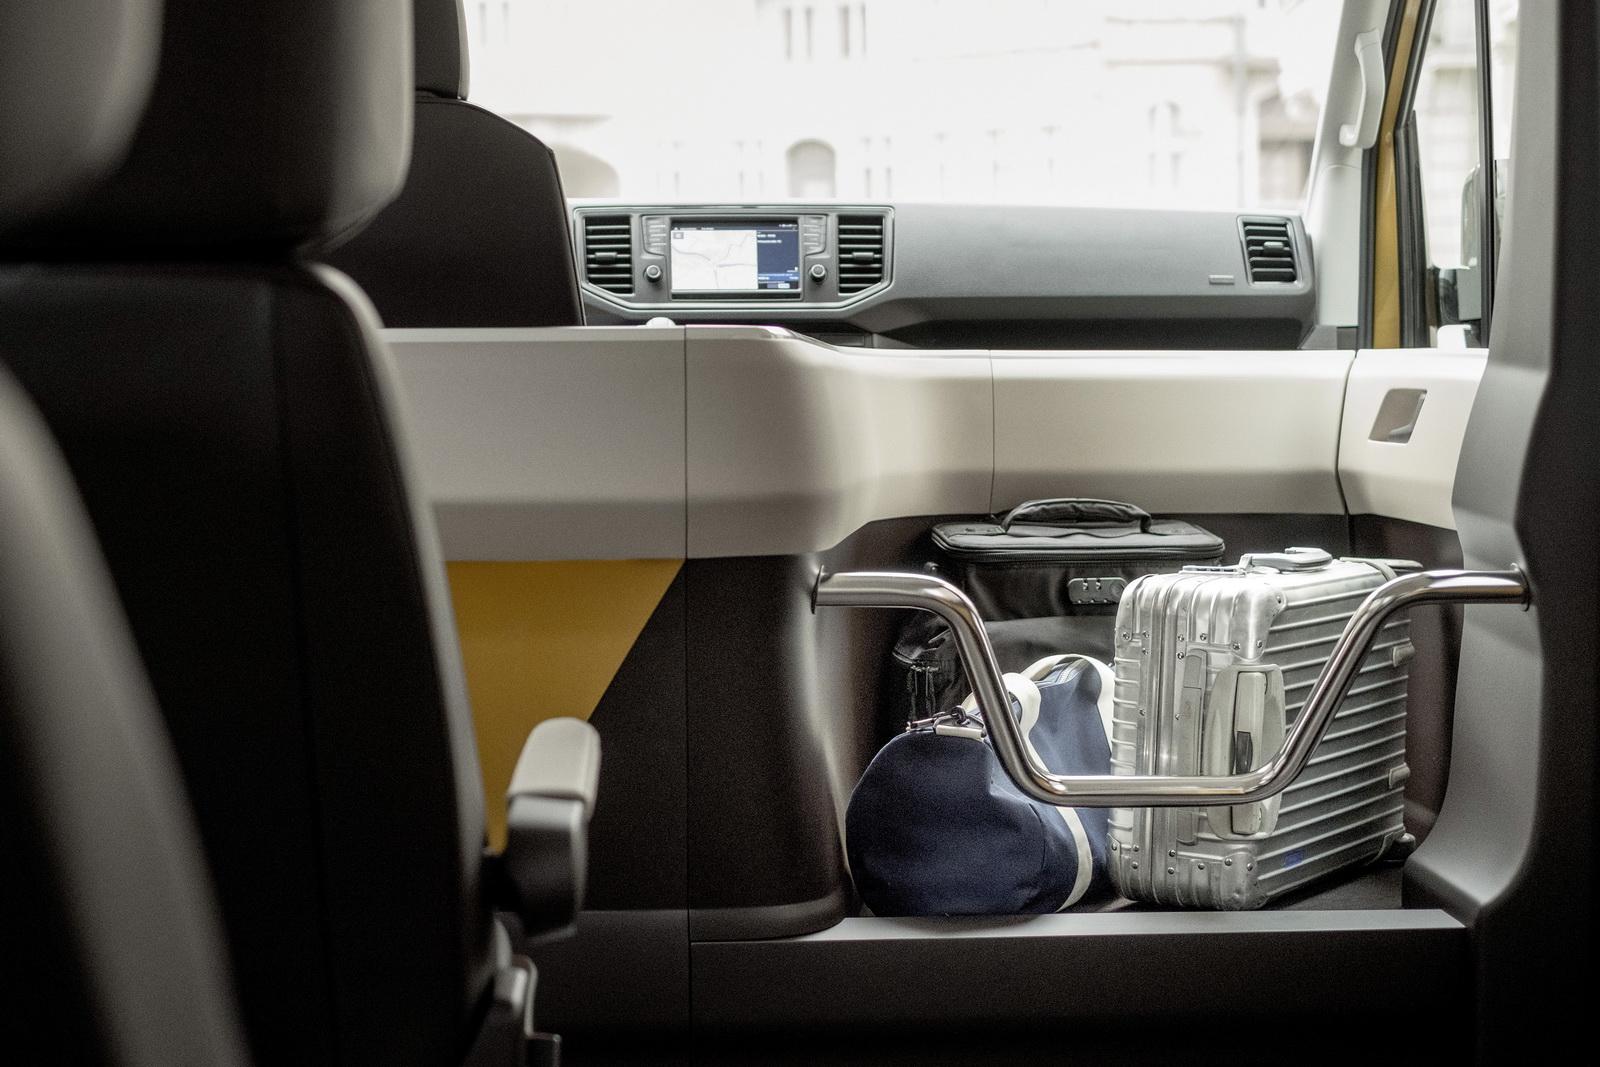 VW-Moia-Ride-Pooling-Van-08